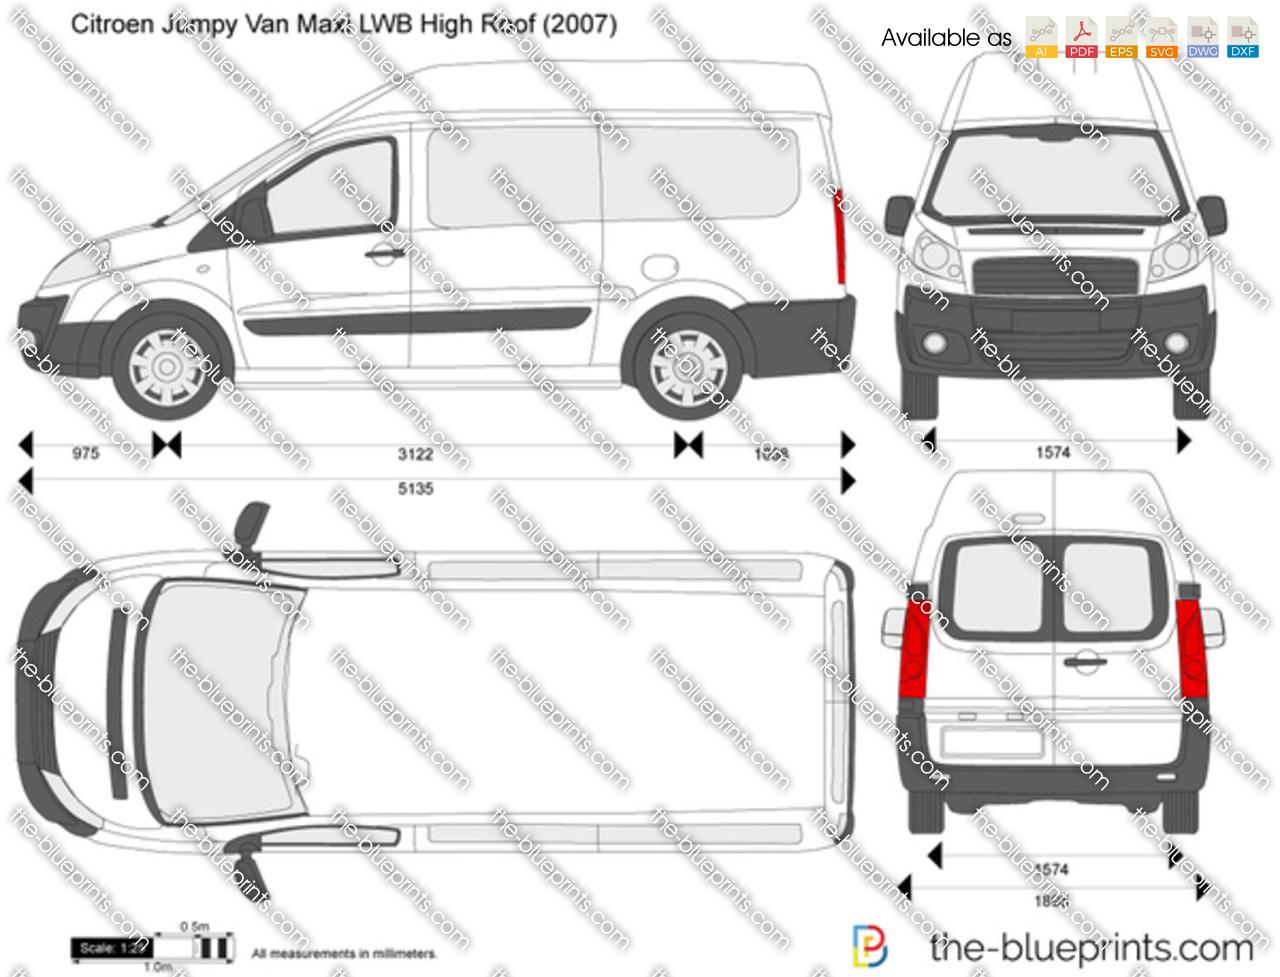 Citroen Jumpy Van Maxi Lwb High Roof Vector Drawing